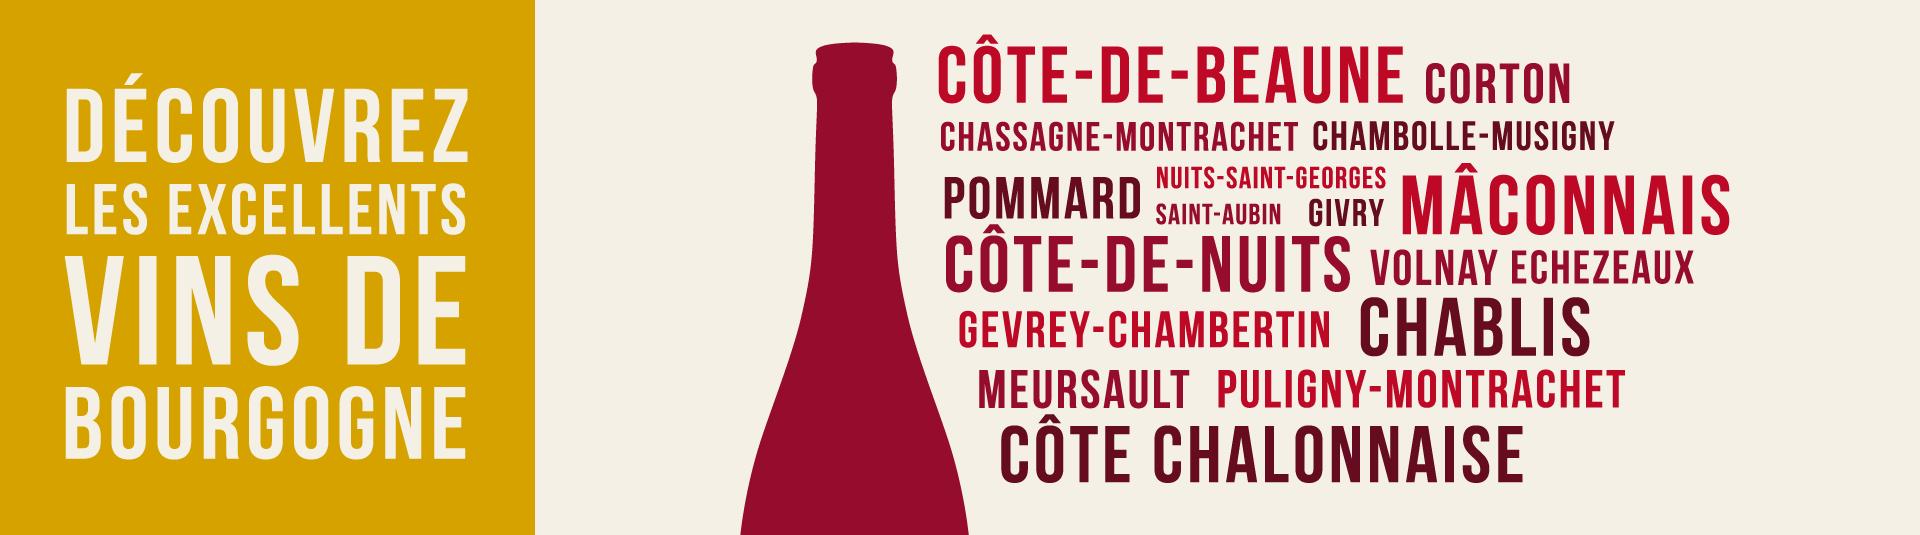 Cadeaux Vins Bourgogne